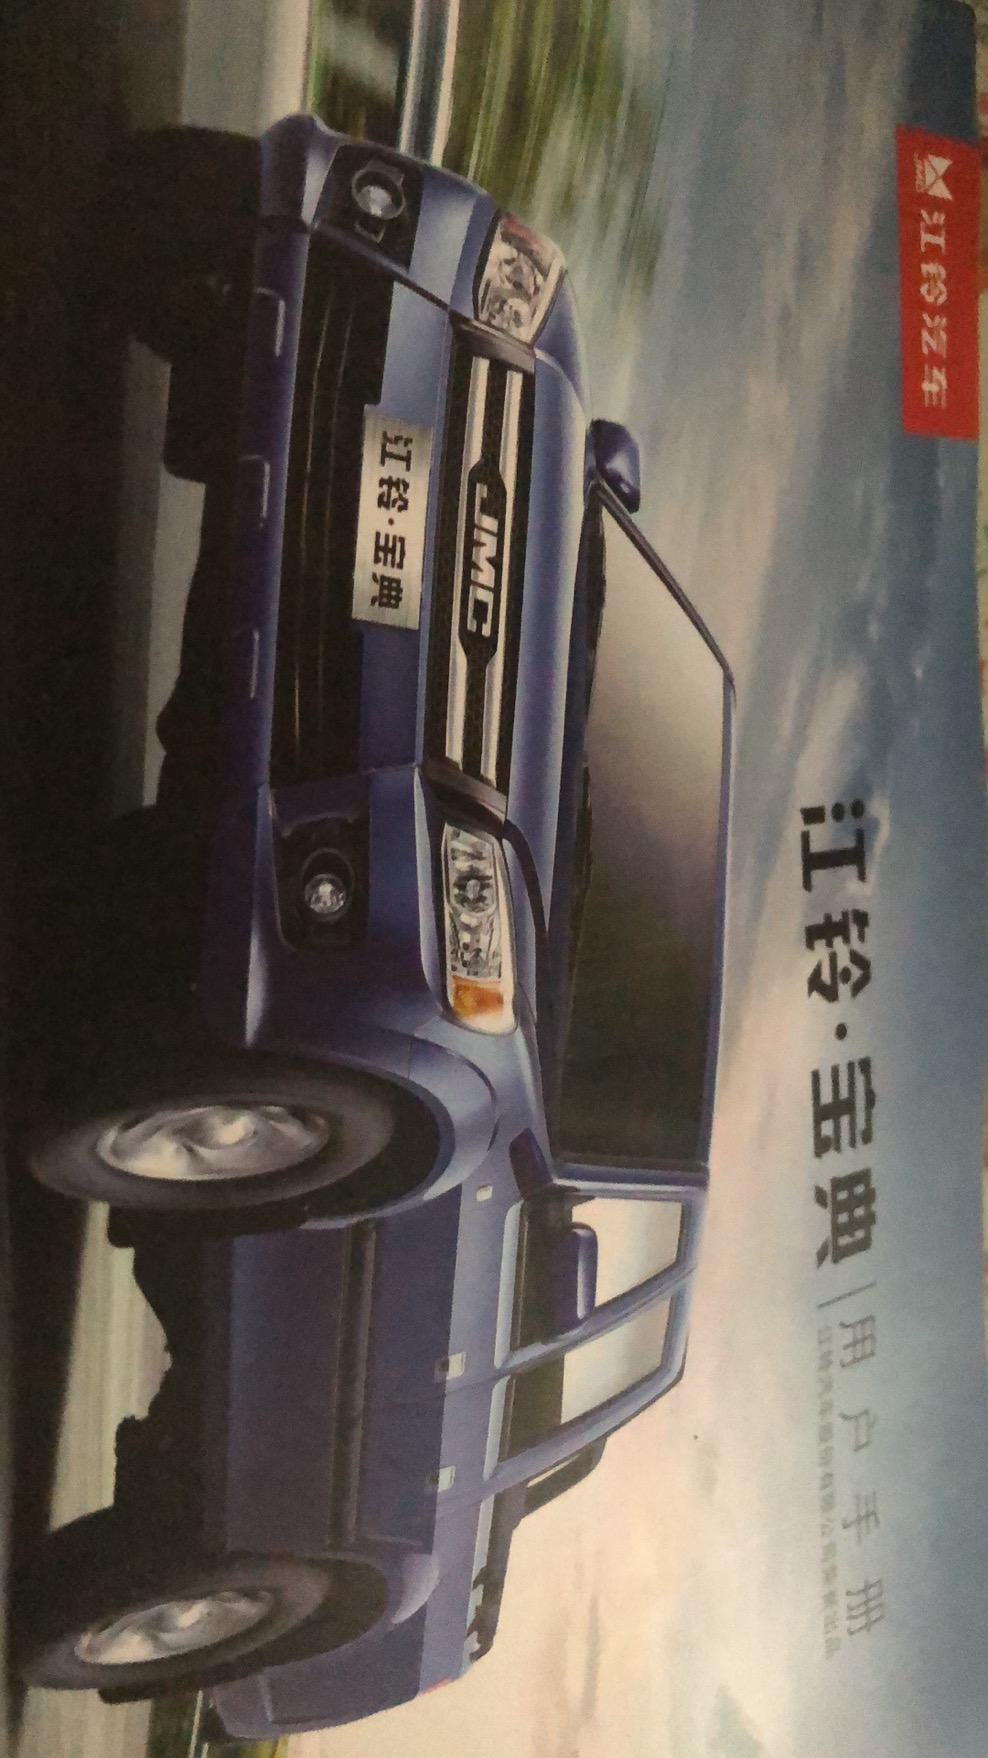 江铃 宝典 2018款 新超值版 奢华型 2.9T柴油 125马力 四驱 加长货箱双排皮卡口碑